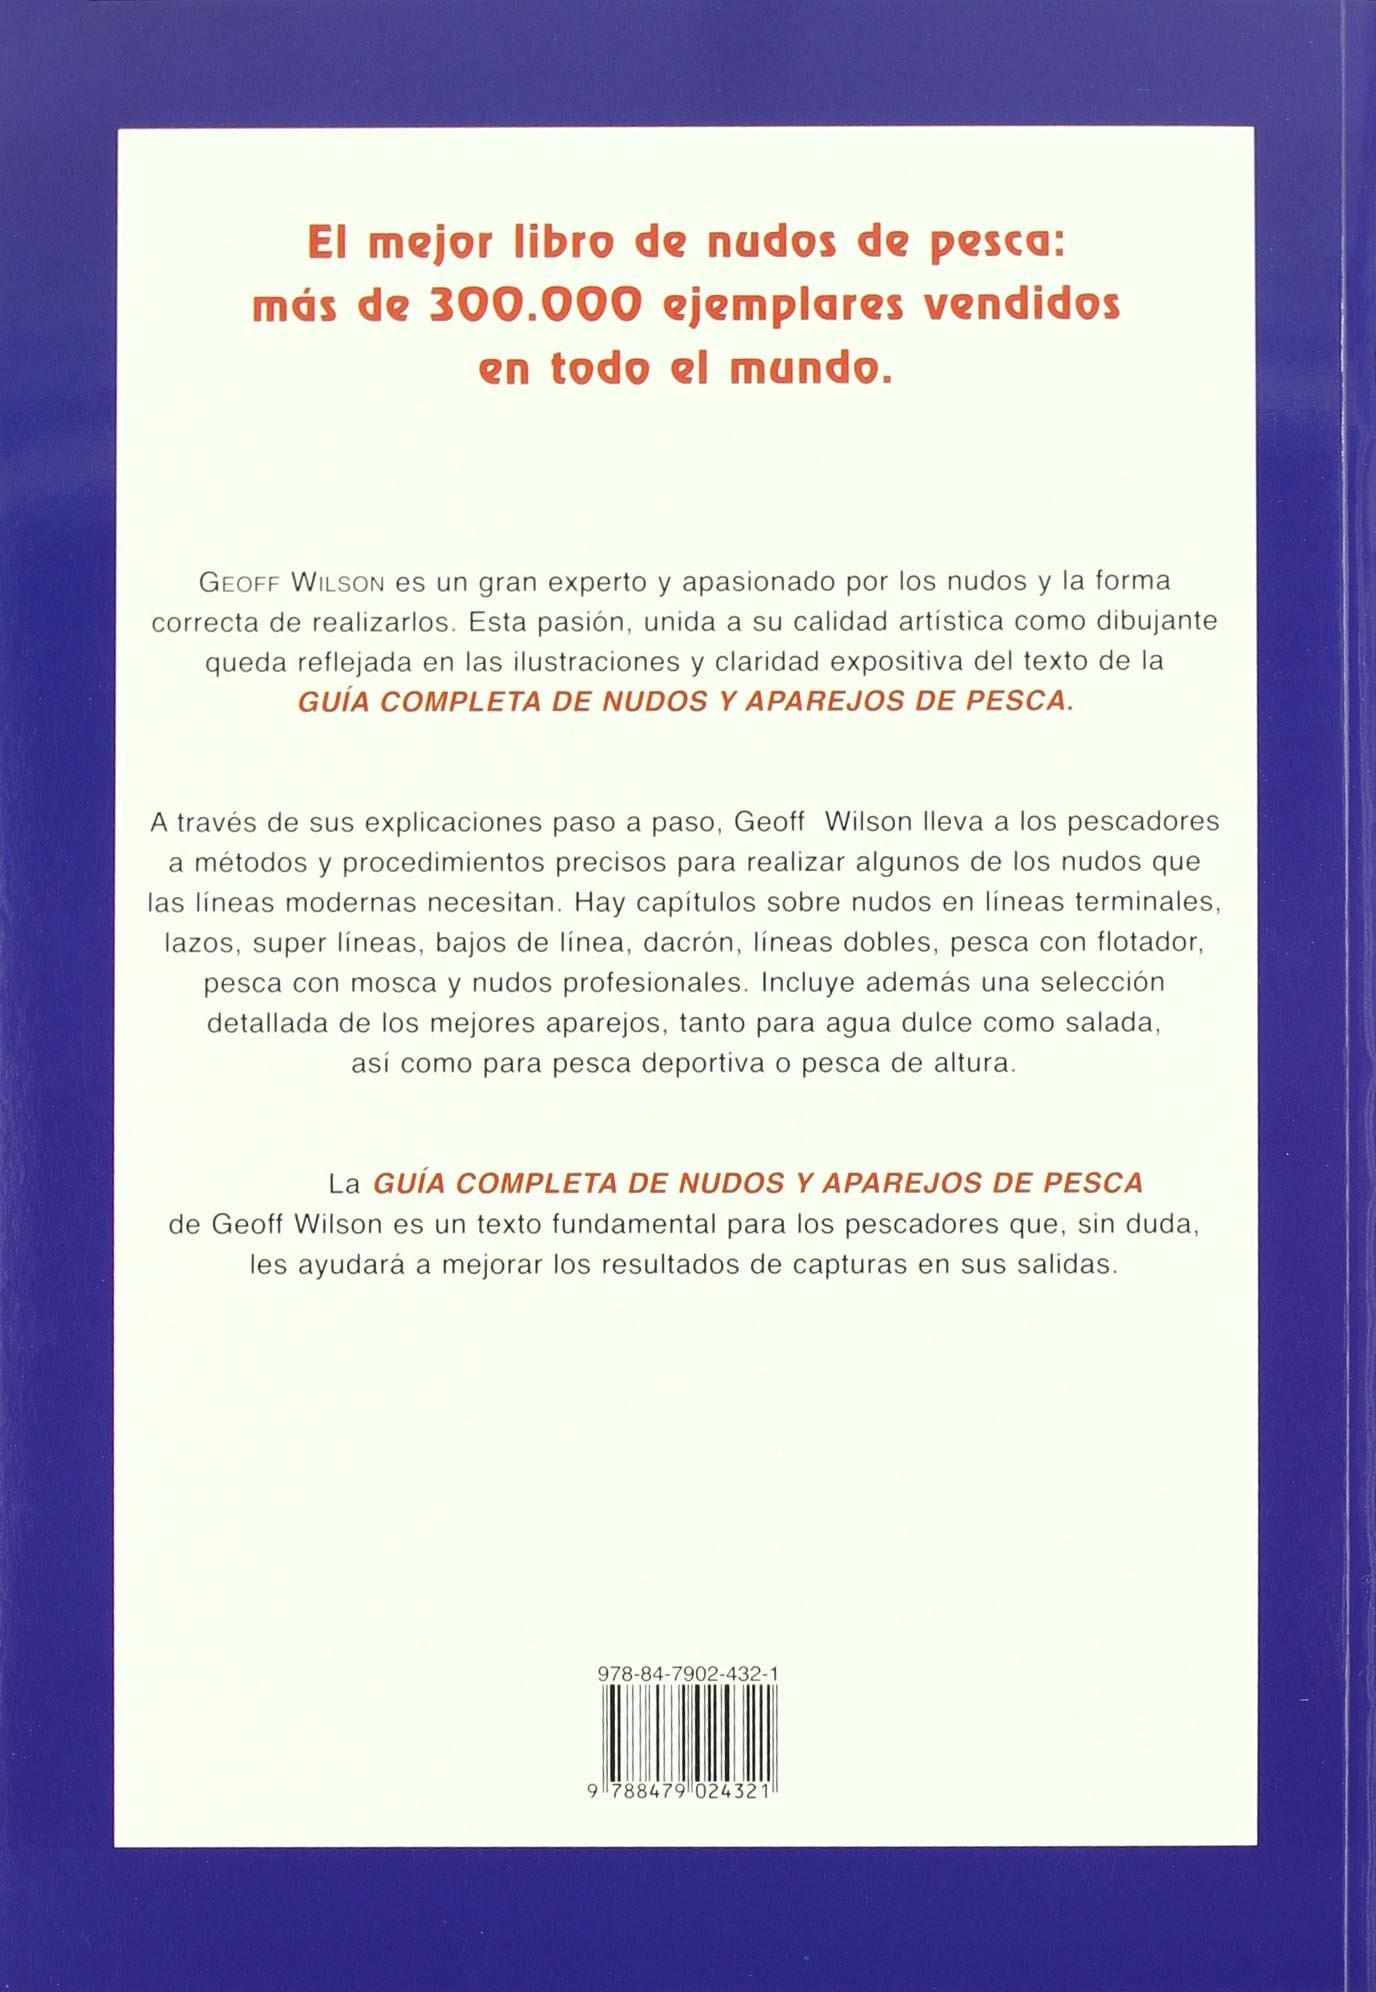 Guia Completa de Nudos y Aparejos de Pesca (Spanish Edition)